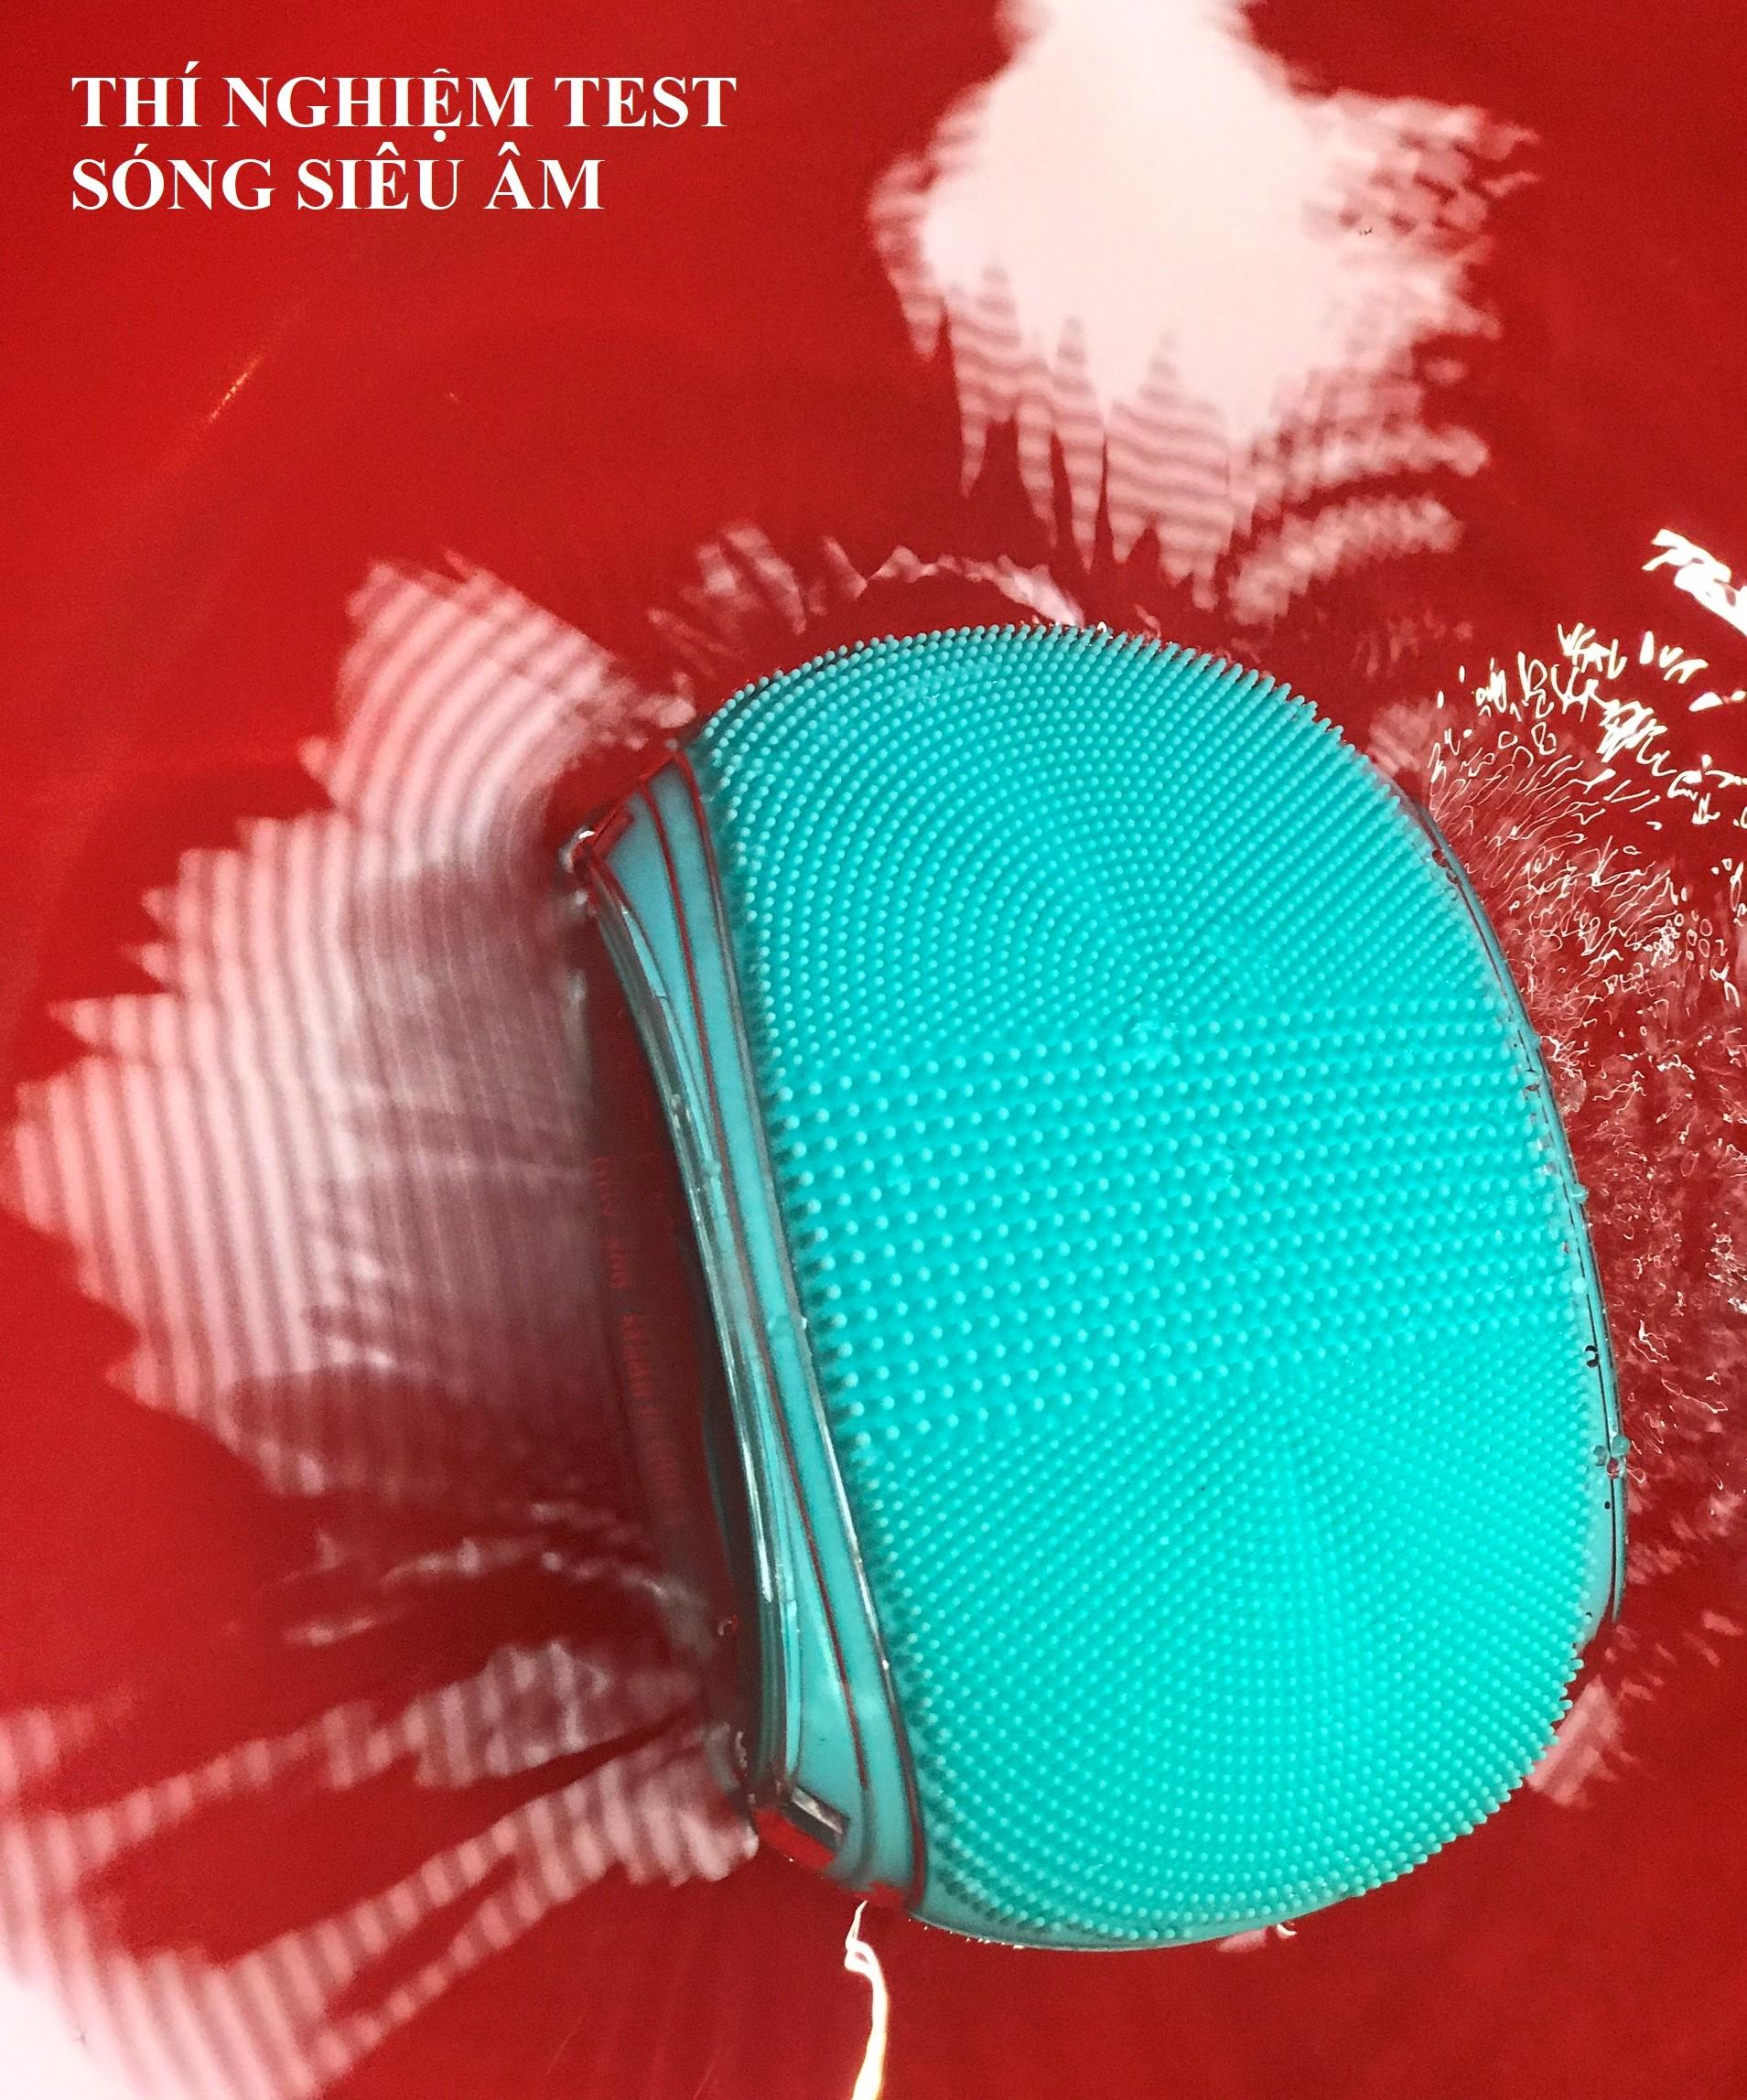 Máy tẩy da chết và massage cơ thể USA Silicone kháng khuẩn, công nghệ siêu âm HoMedics BDY-300BL nhập khẩu USA